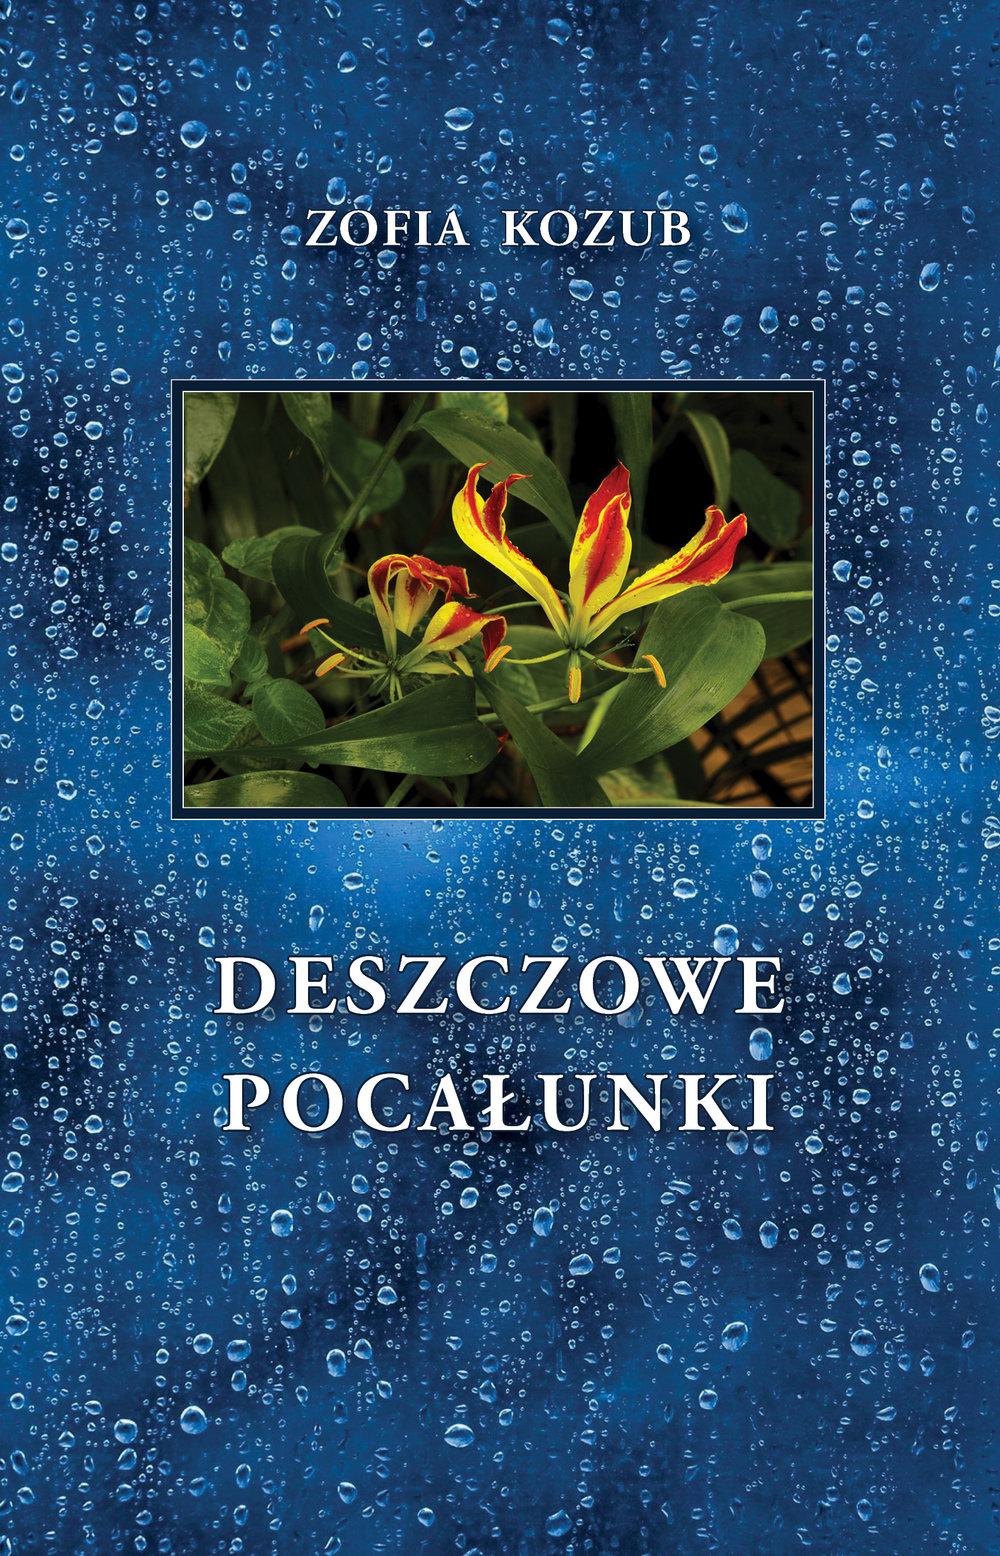 Deszczowe Pocalunki | Zofia Kozub